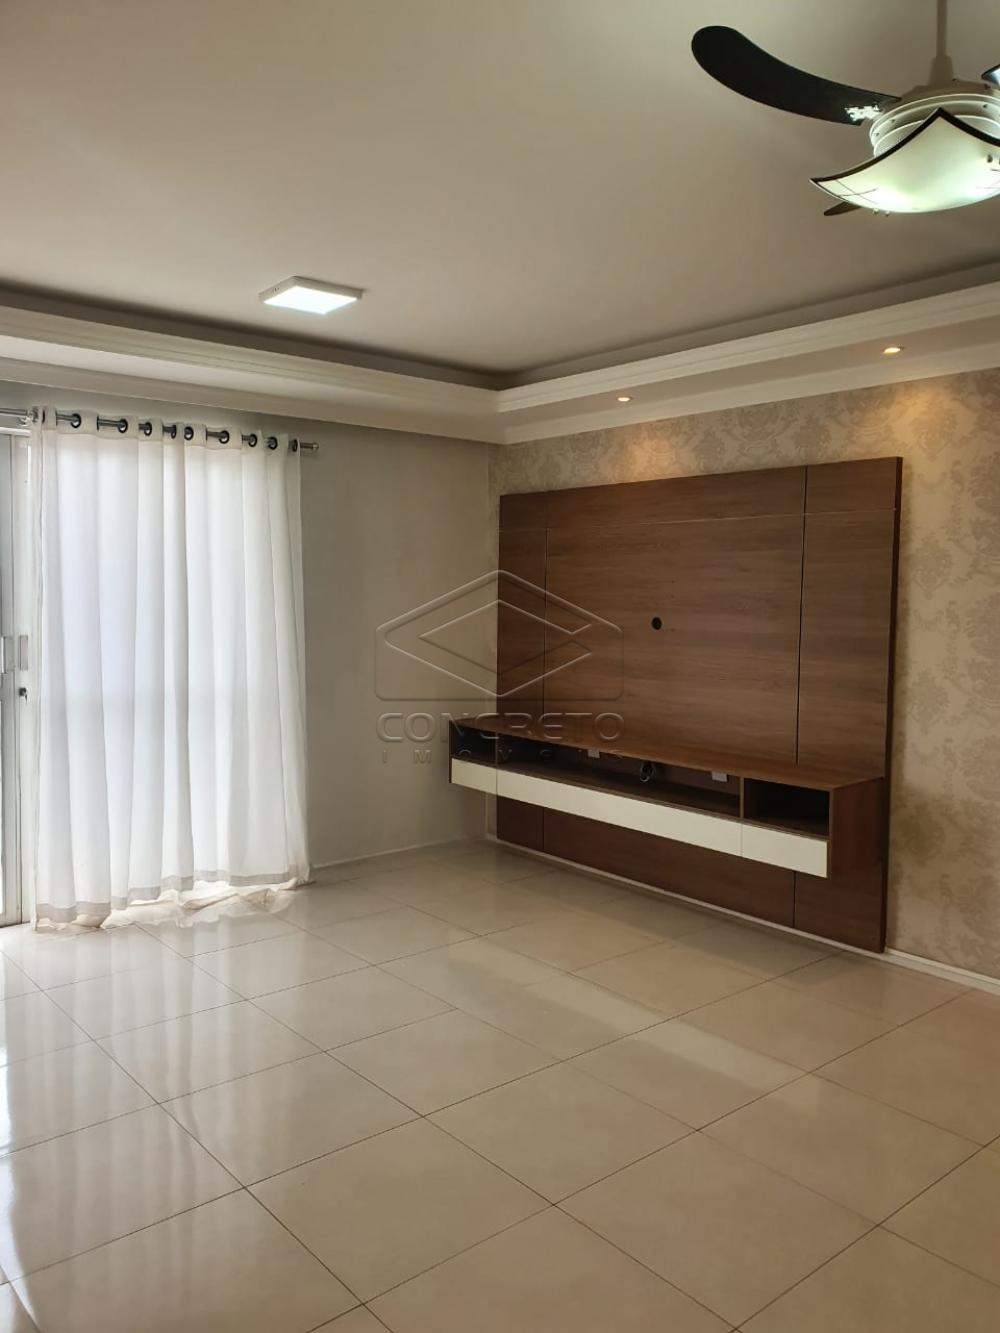 Comprar Apartamento / Padrão em Bauru apenas R$ 400.000,00 - Foto 12